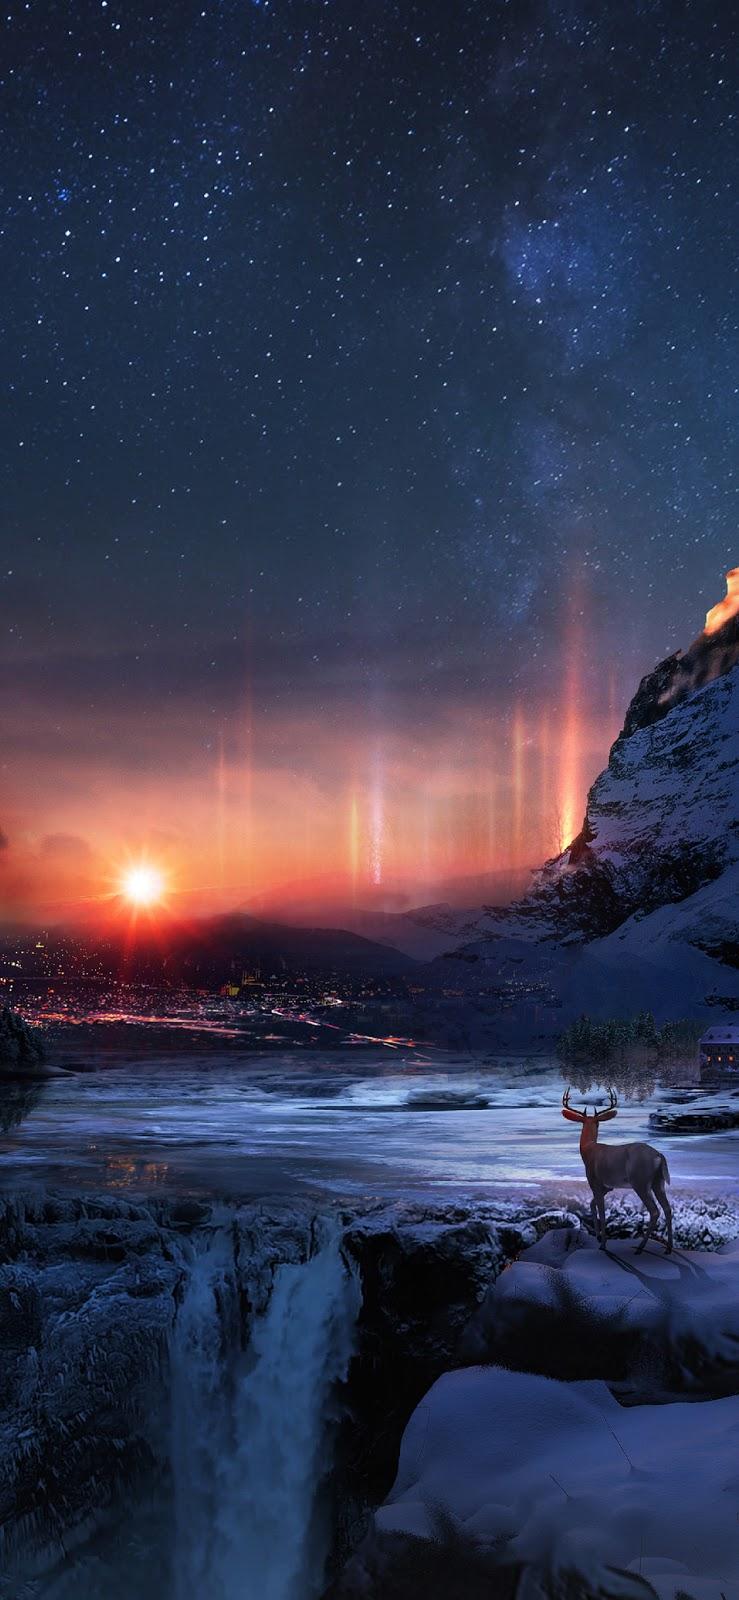 Hình nền mặt trời giữa đêm sao siêu đẹp cho iPhone X